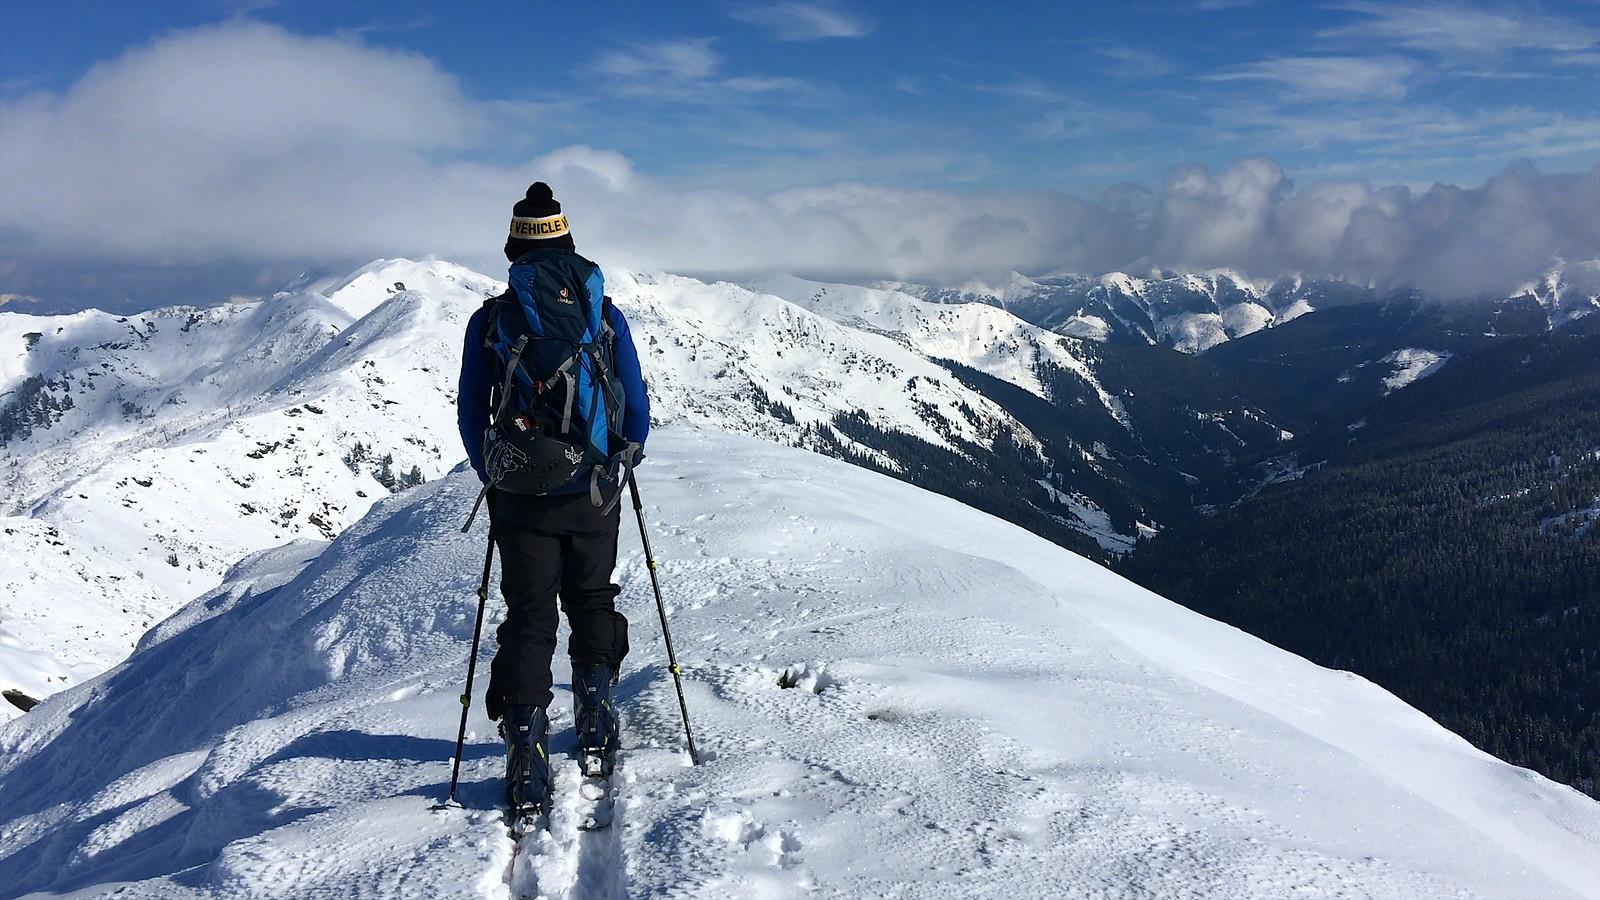 První (pod)zimní zpravodaj sezóny 20/21 tentokrát z Nízkých Taur